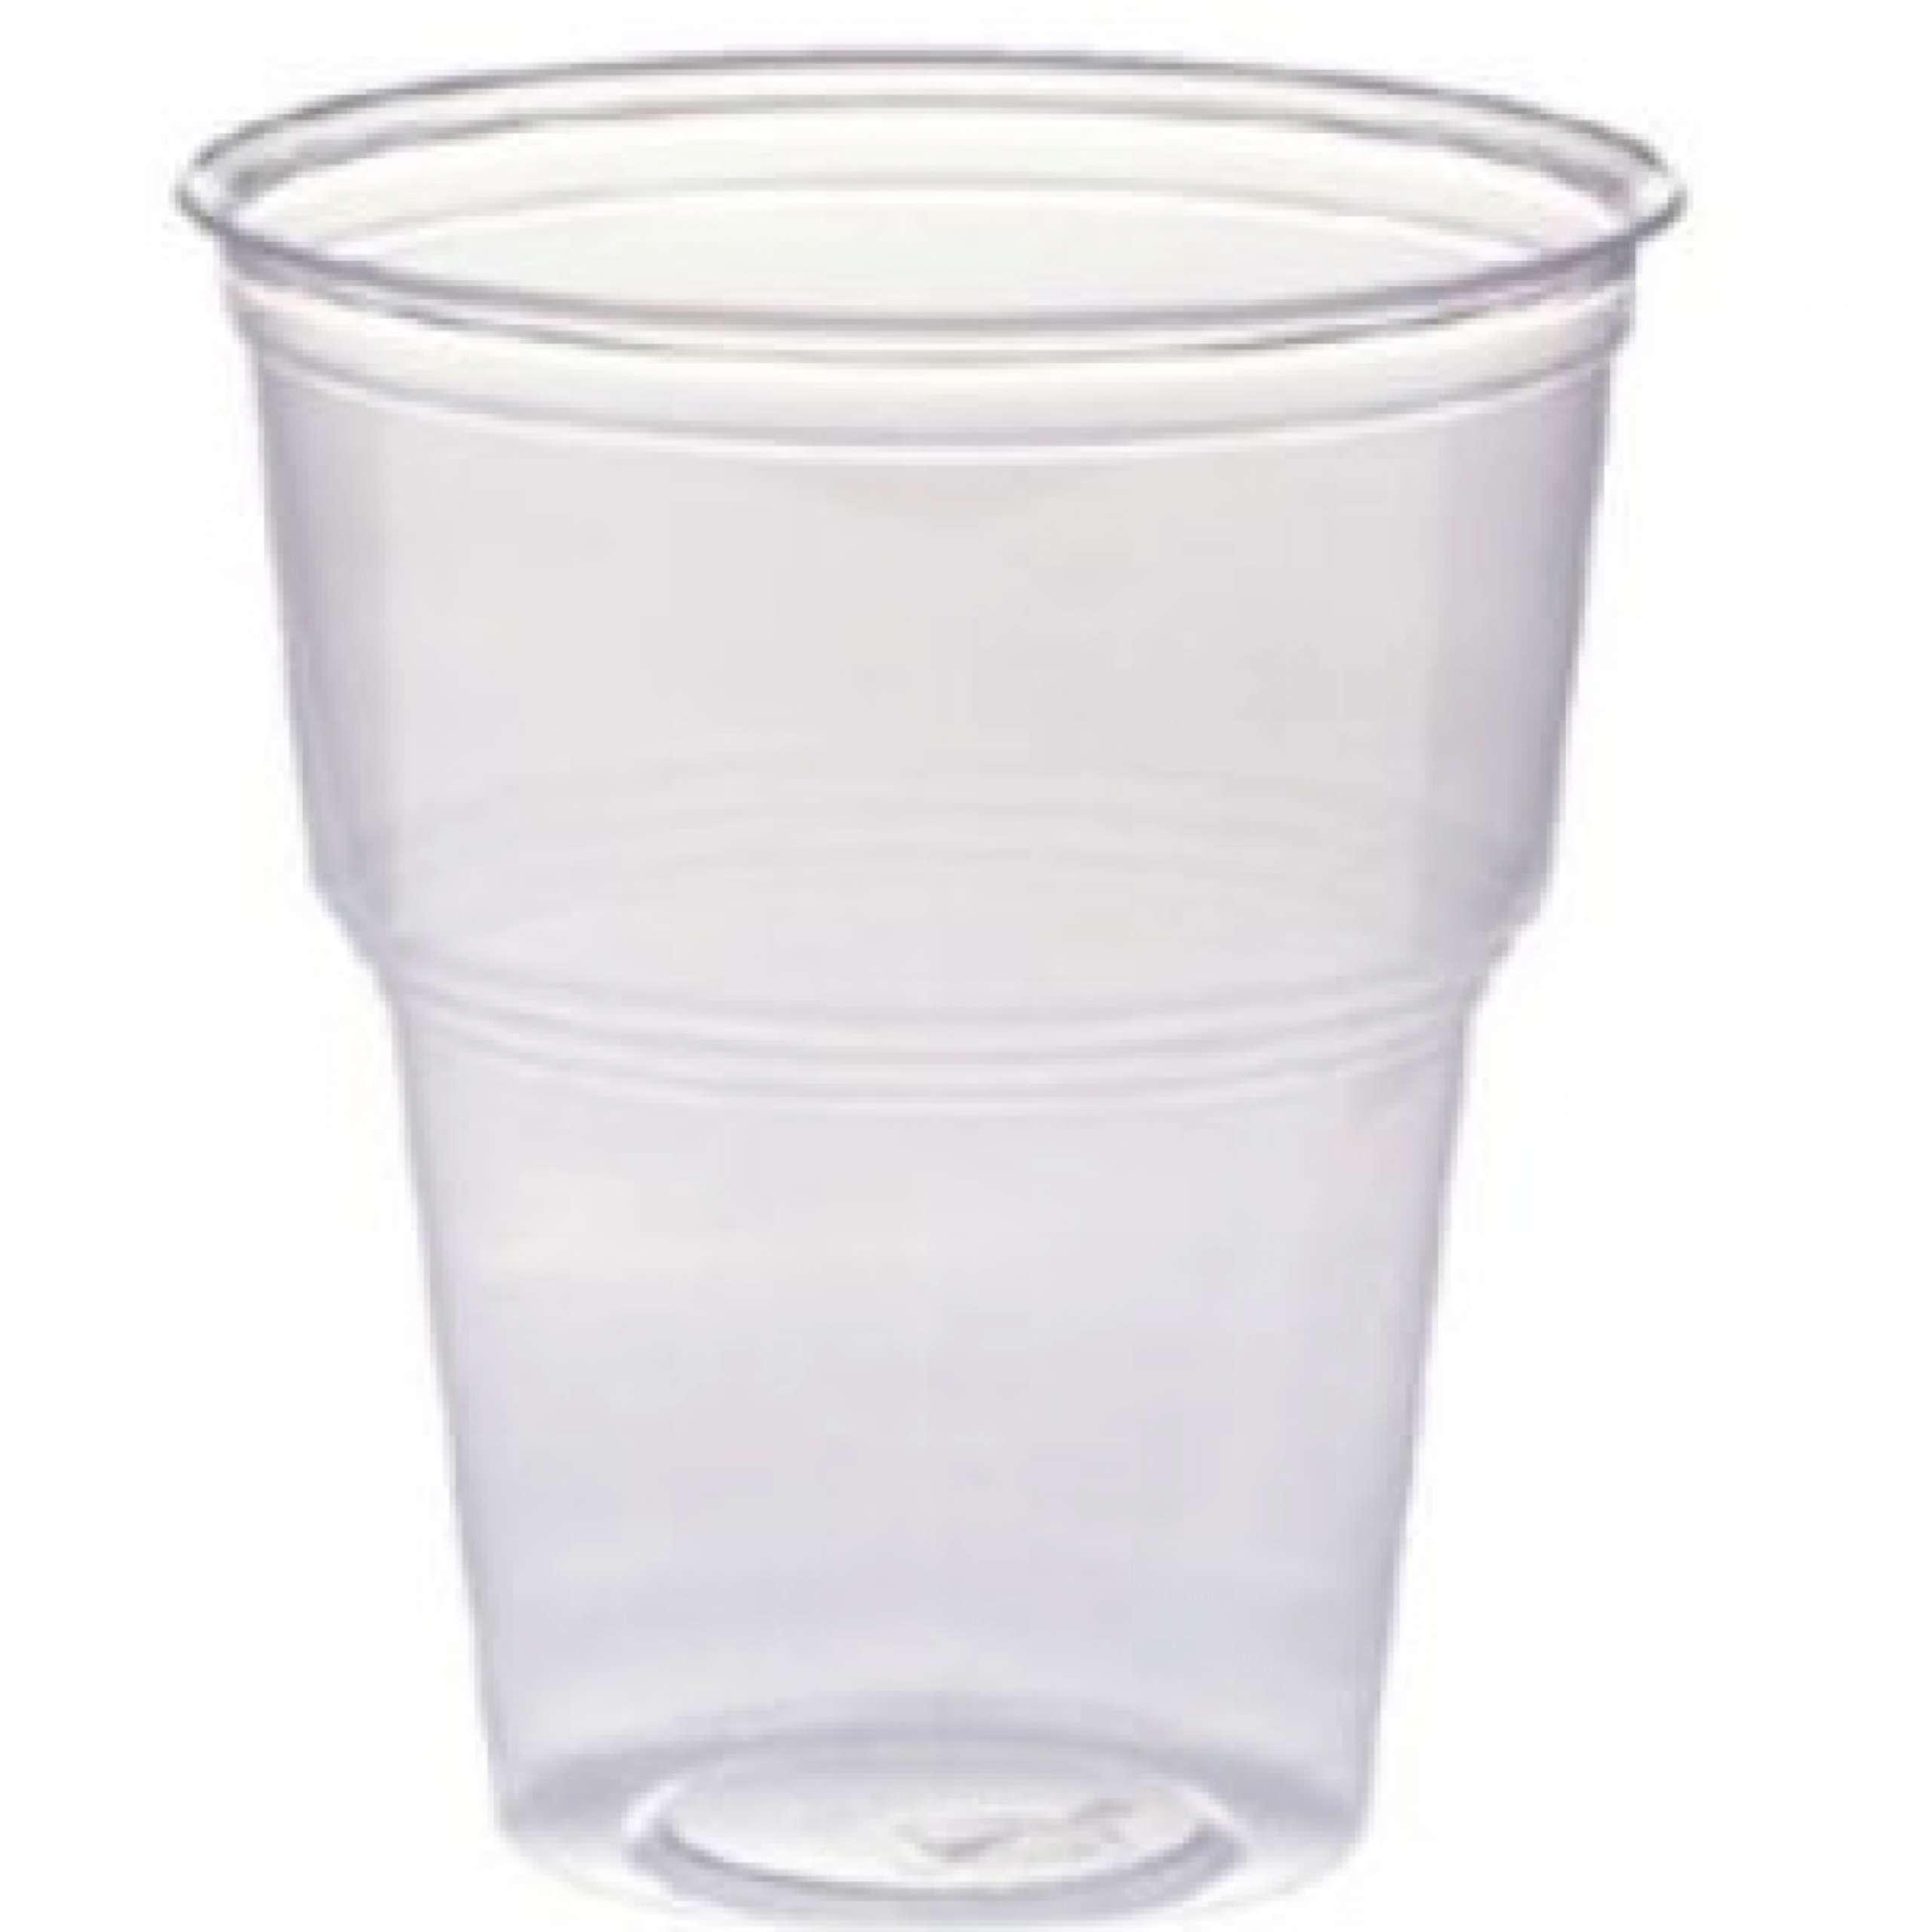 Hrnčeky plastové hrnčeky 500 ml pivo hrnček 0,5 l